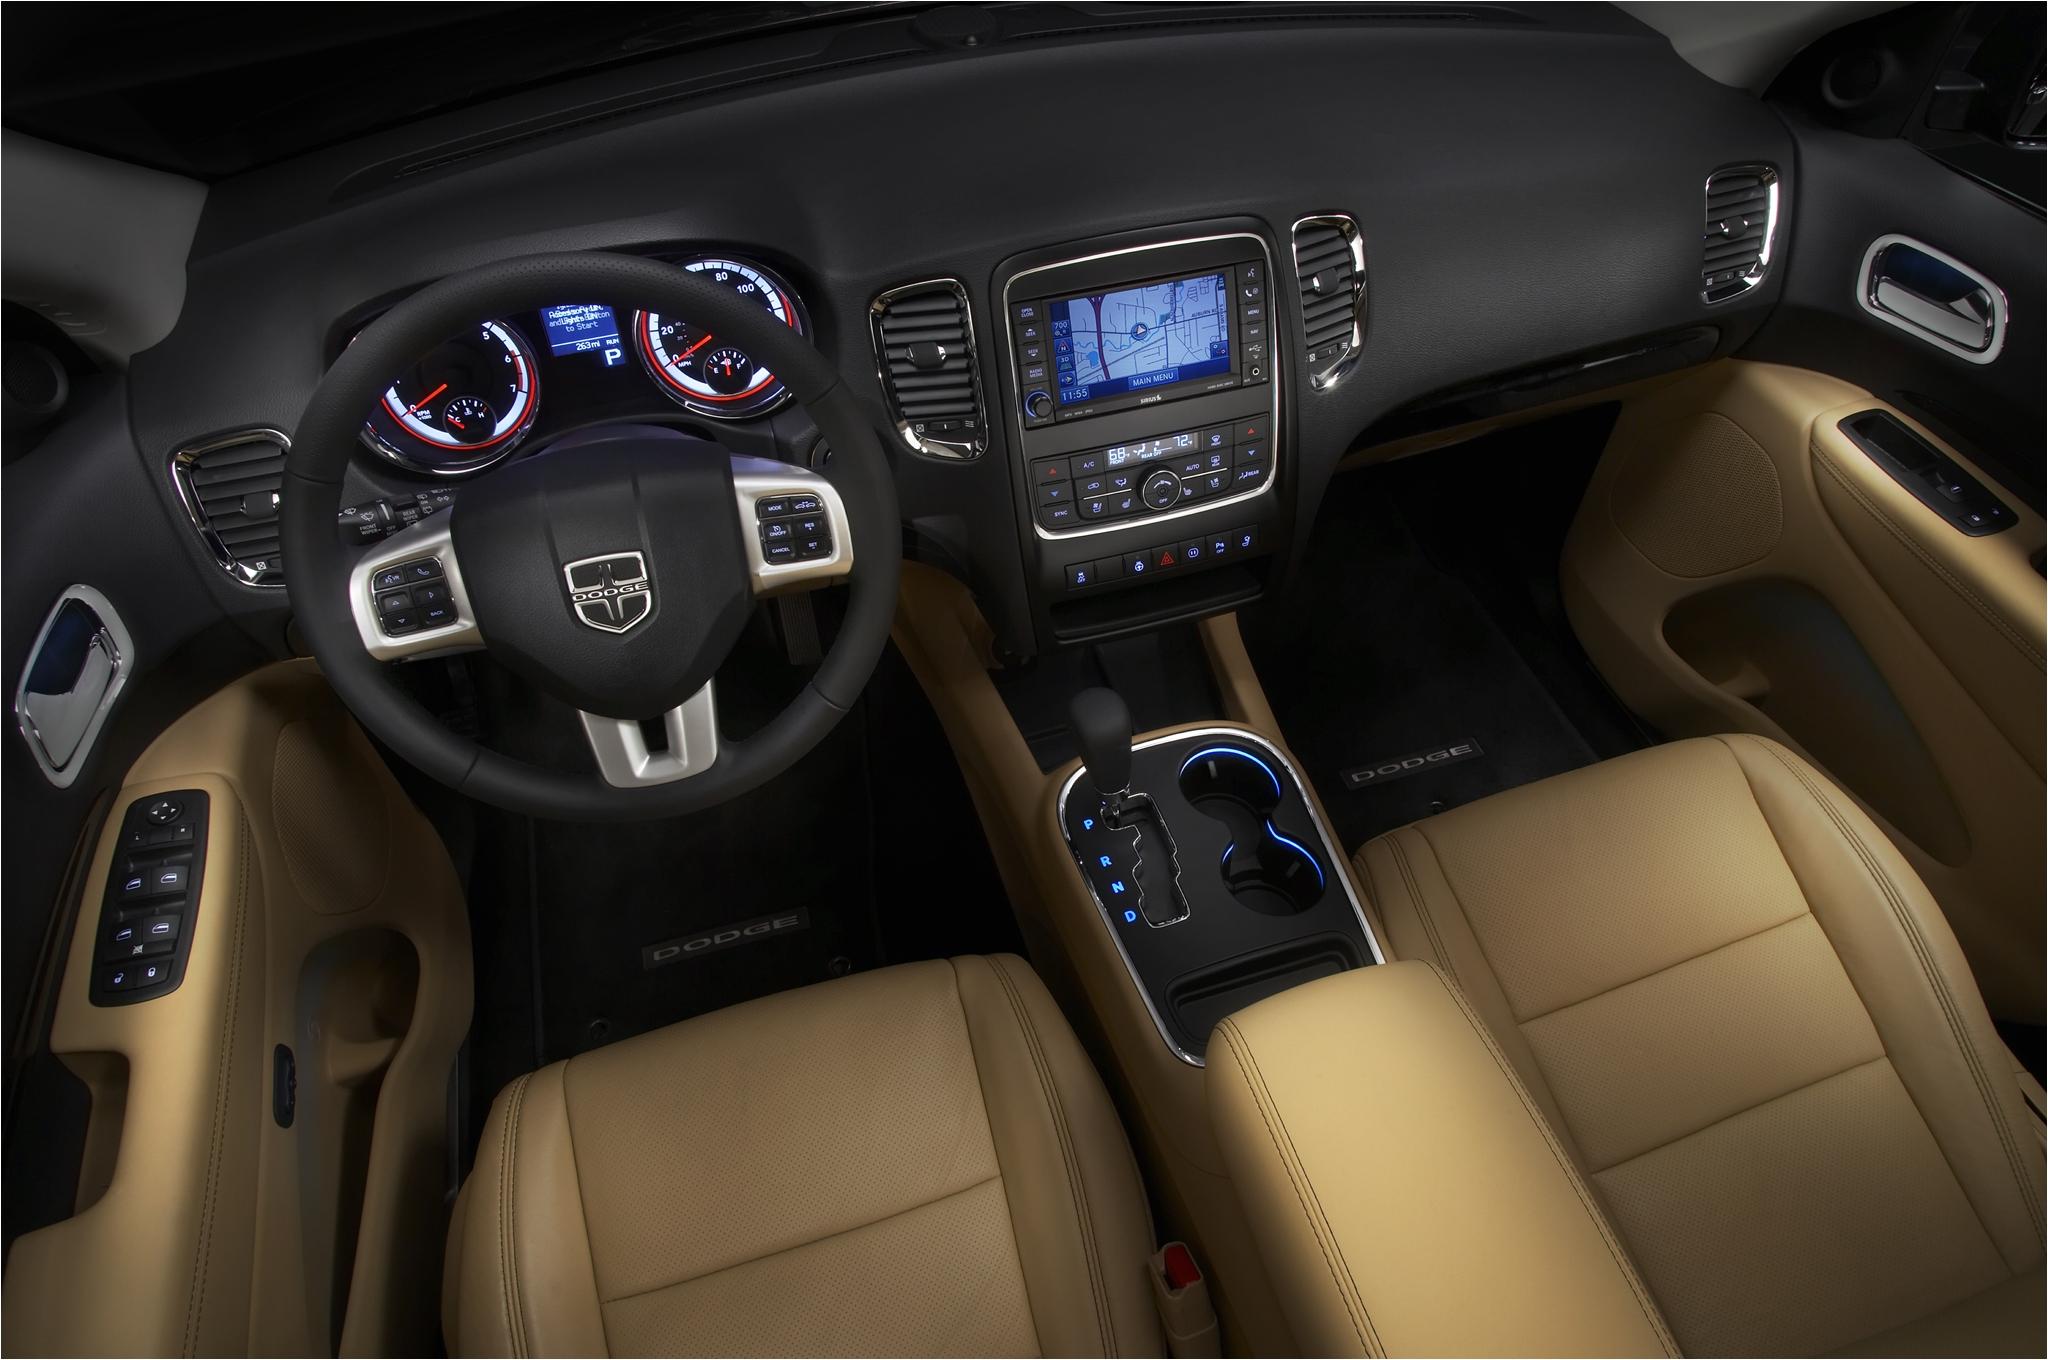 2015 Dodge Durango Interior Colors 2013 Dodge Durango Photos Specs News Radka Car S Blog